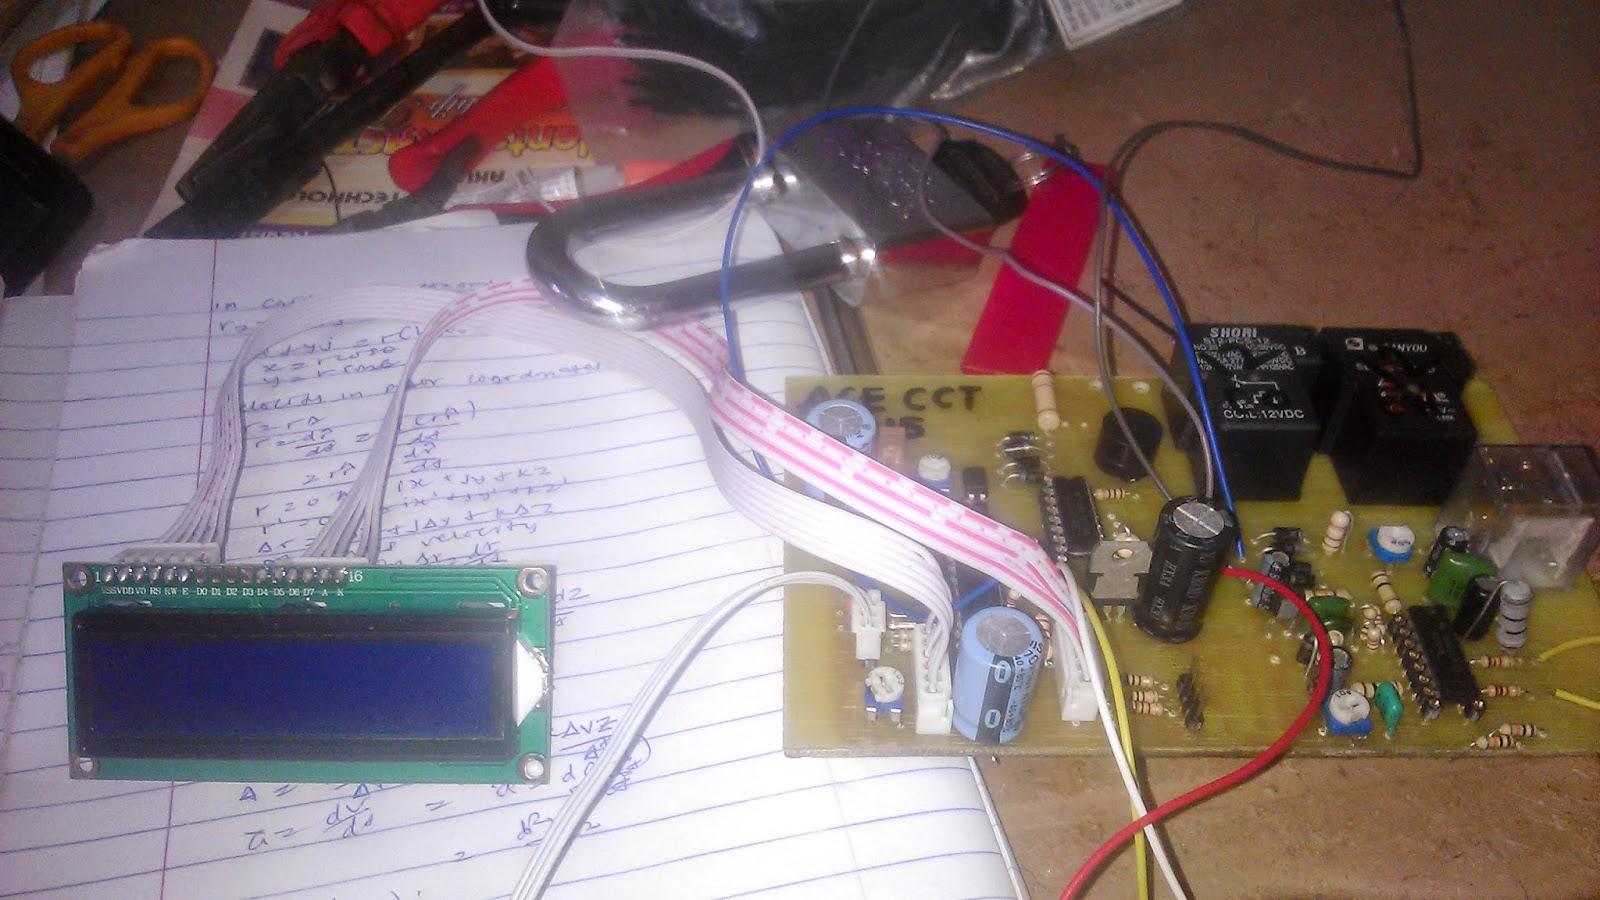 Автоматическое управление дневным светом на pic12f микроконтроллеры / для дома.